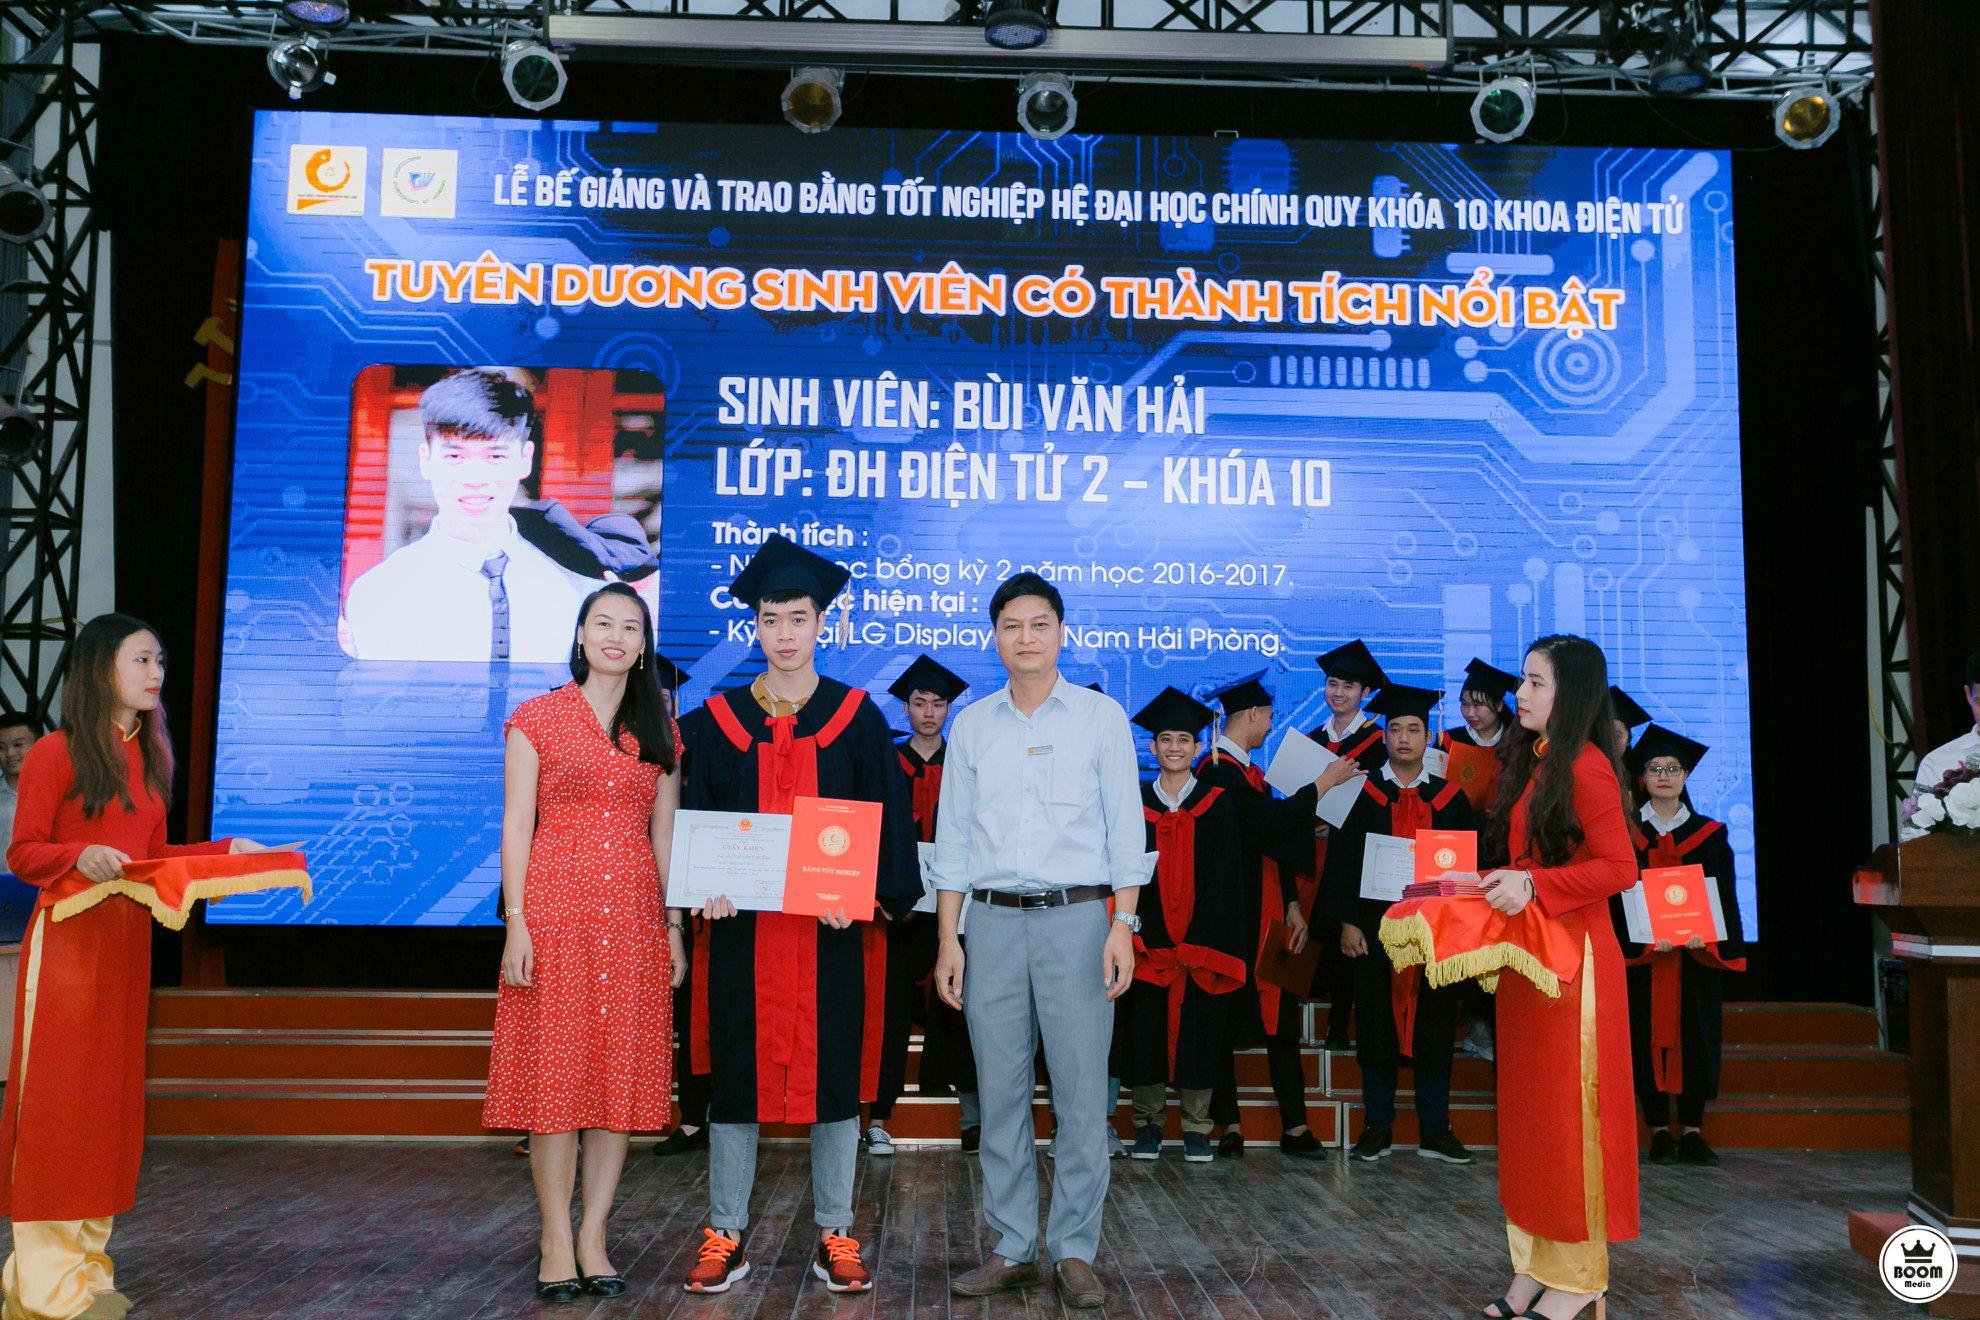 Niềm vui ngày tốt nghiệp Đại học khóa 10